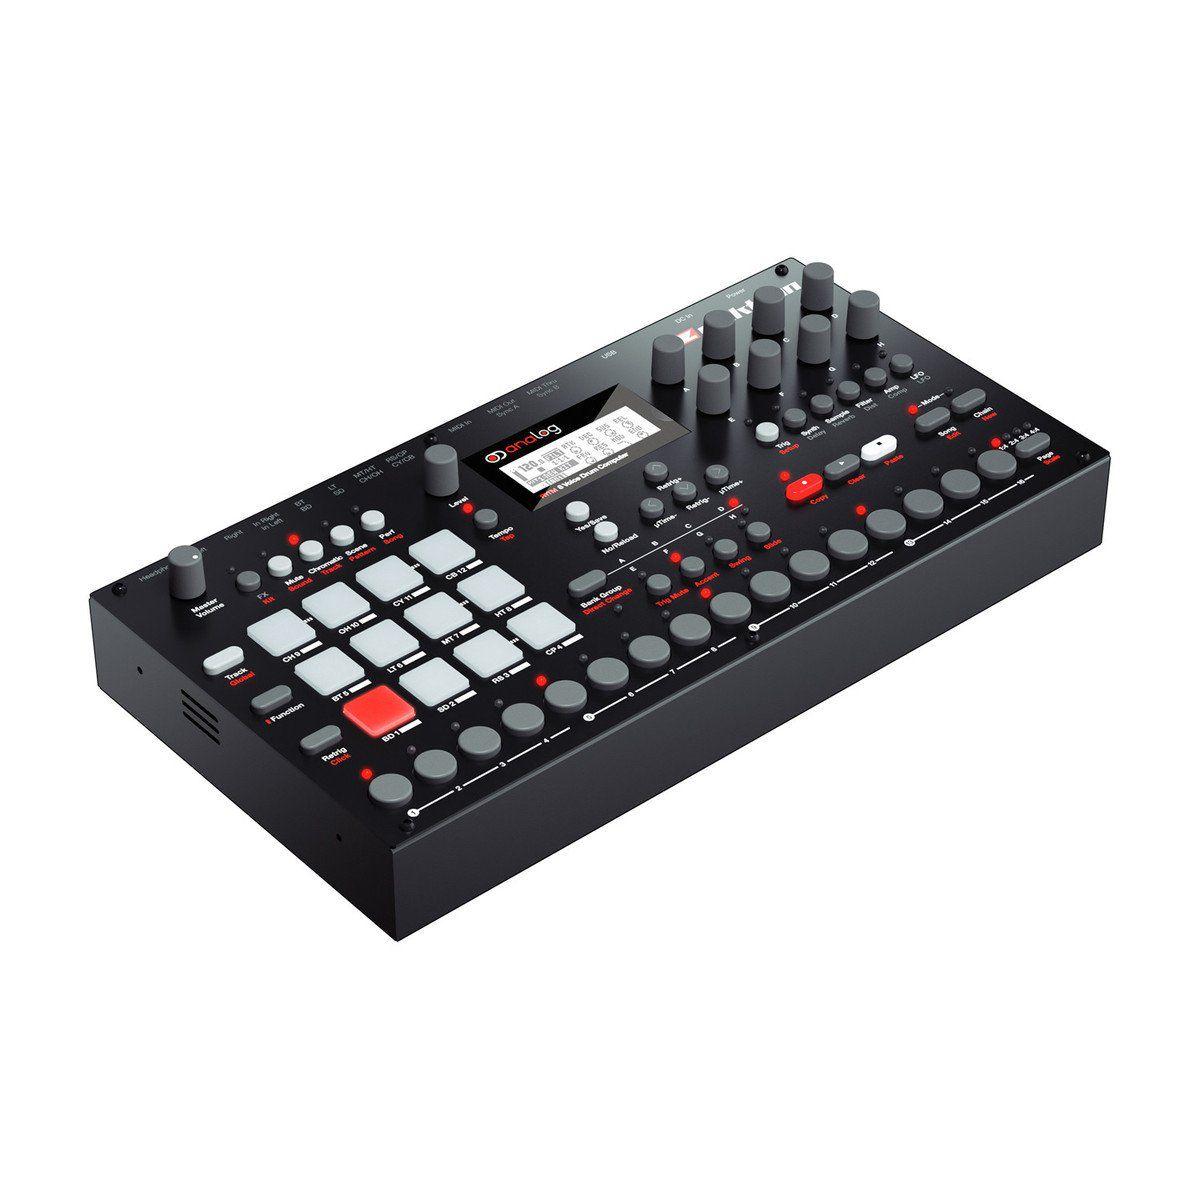 Elektron Analógico rytm 8-voice